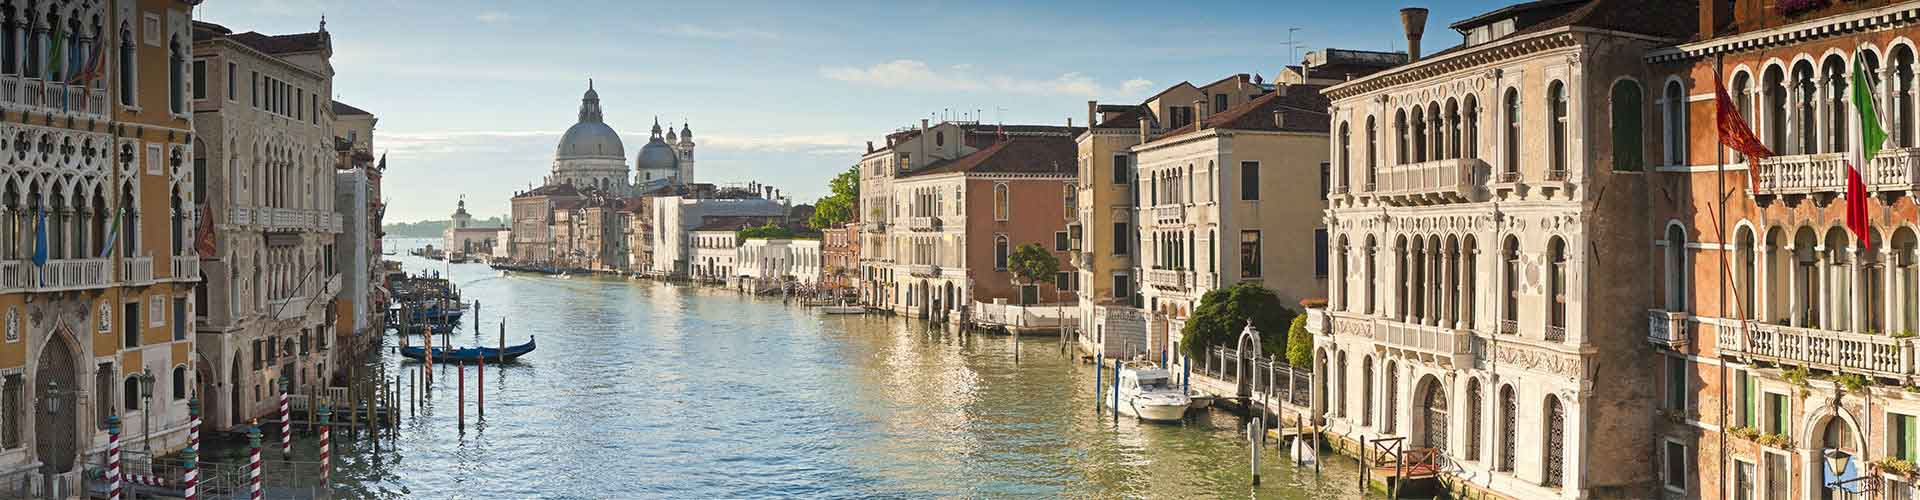 Venise - Auberges de jeunesse dans le quartier de Dorsoduro, S. Polo, S. Croix, Giudecca, Sack Fisola. Cartes pour Venise, photos et commentaires pour chaque auberge de jeunesse à Venise.